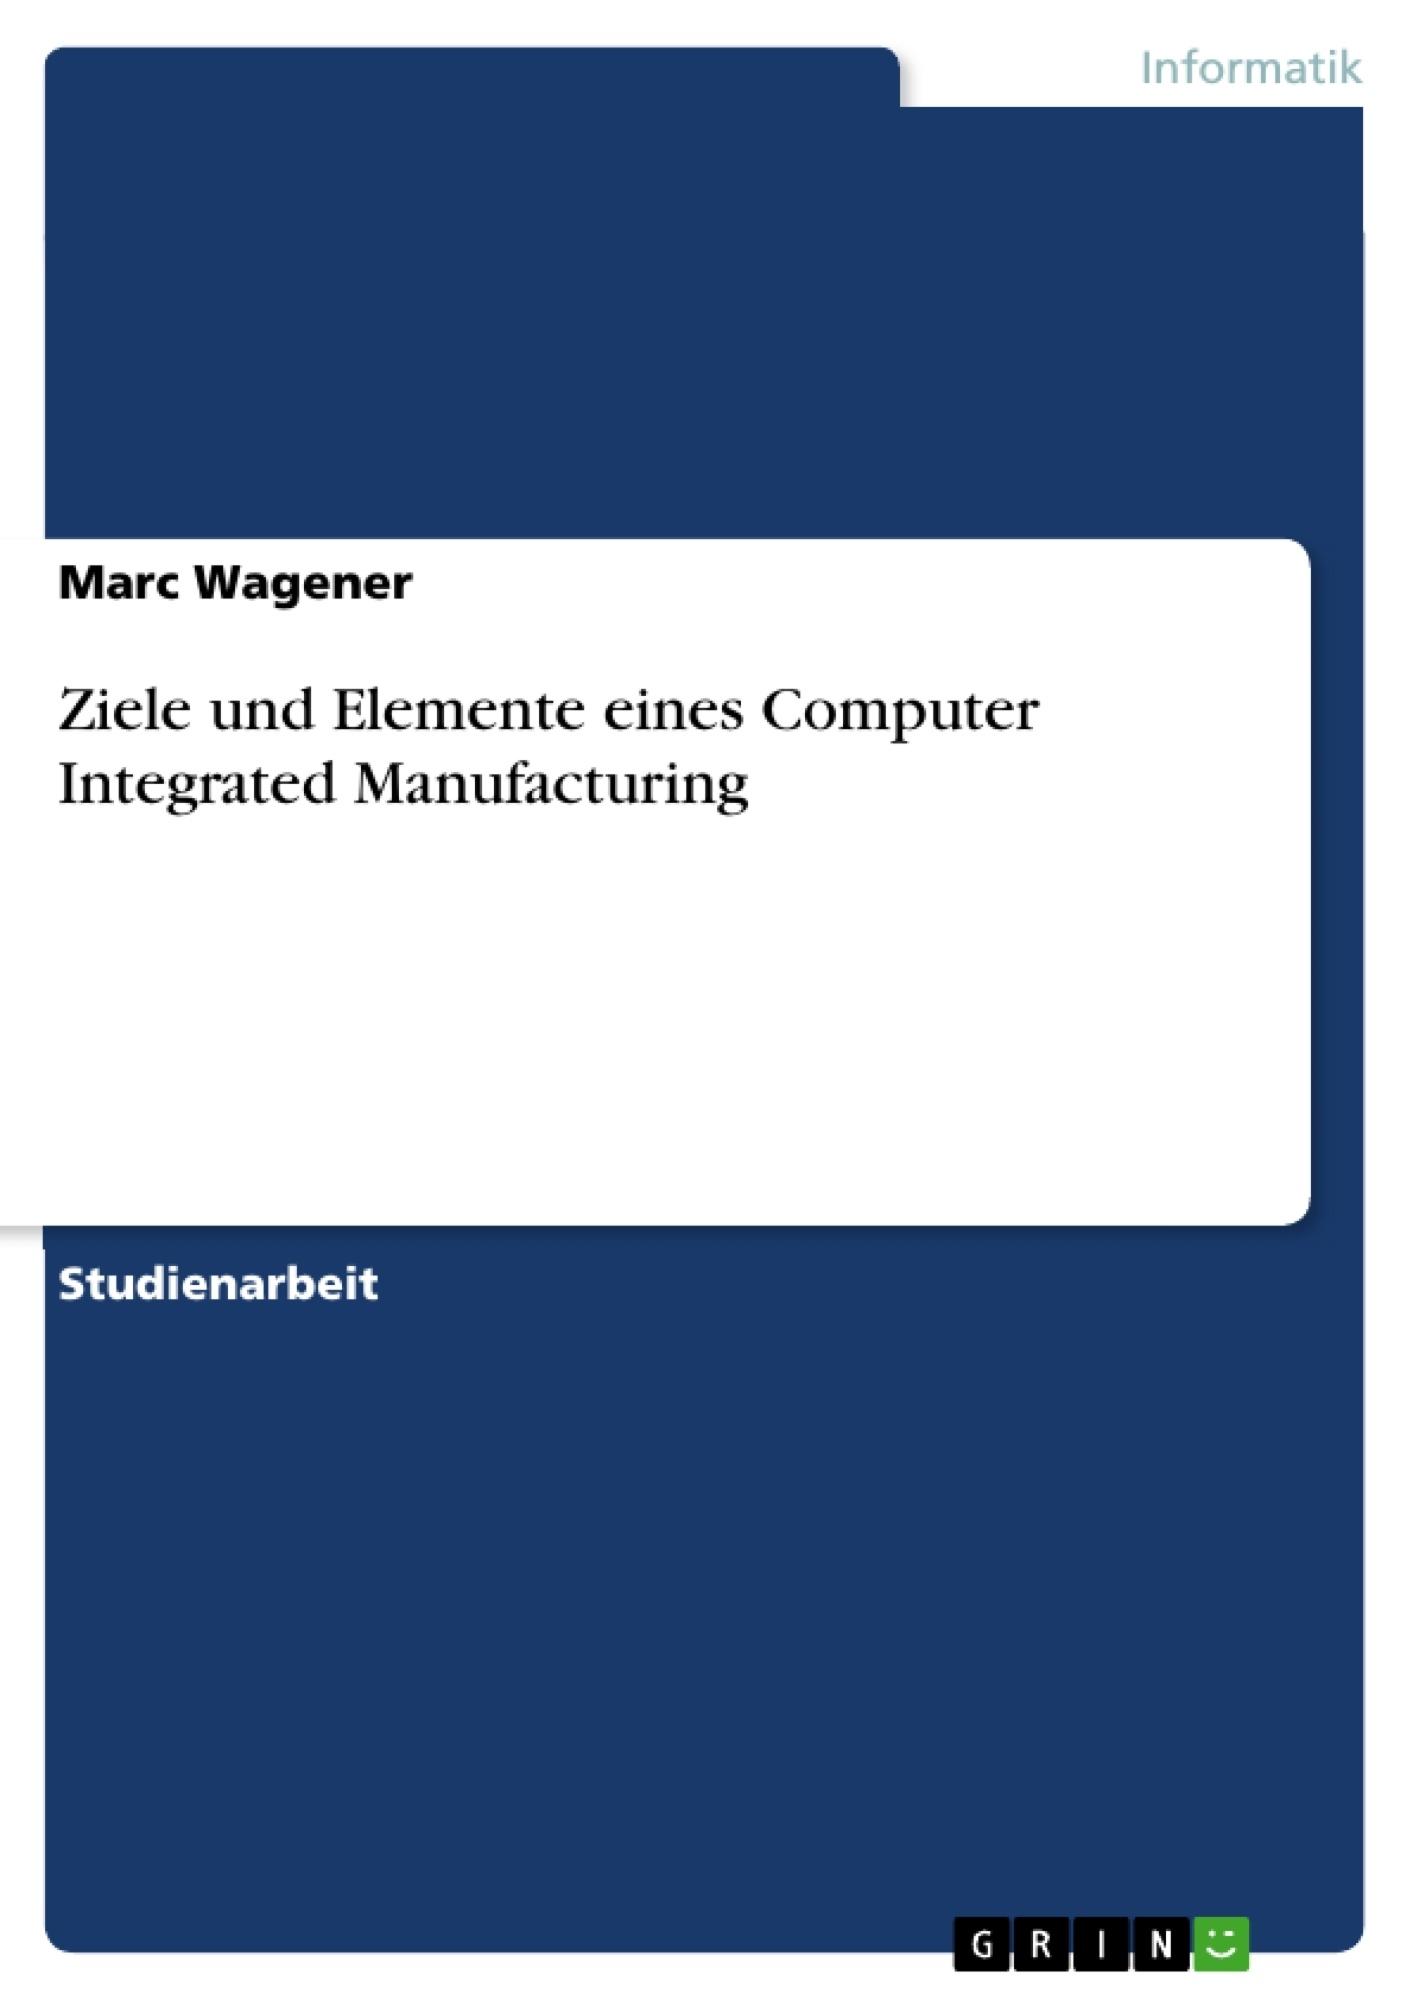 Titel: Ziele und Elemente eines Computer Integrated Manufacturing